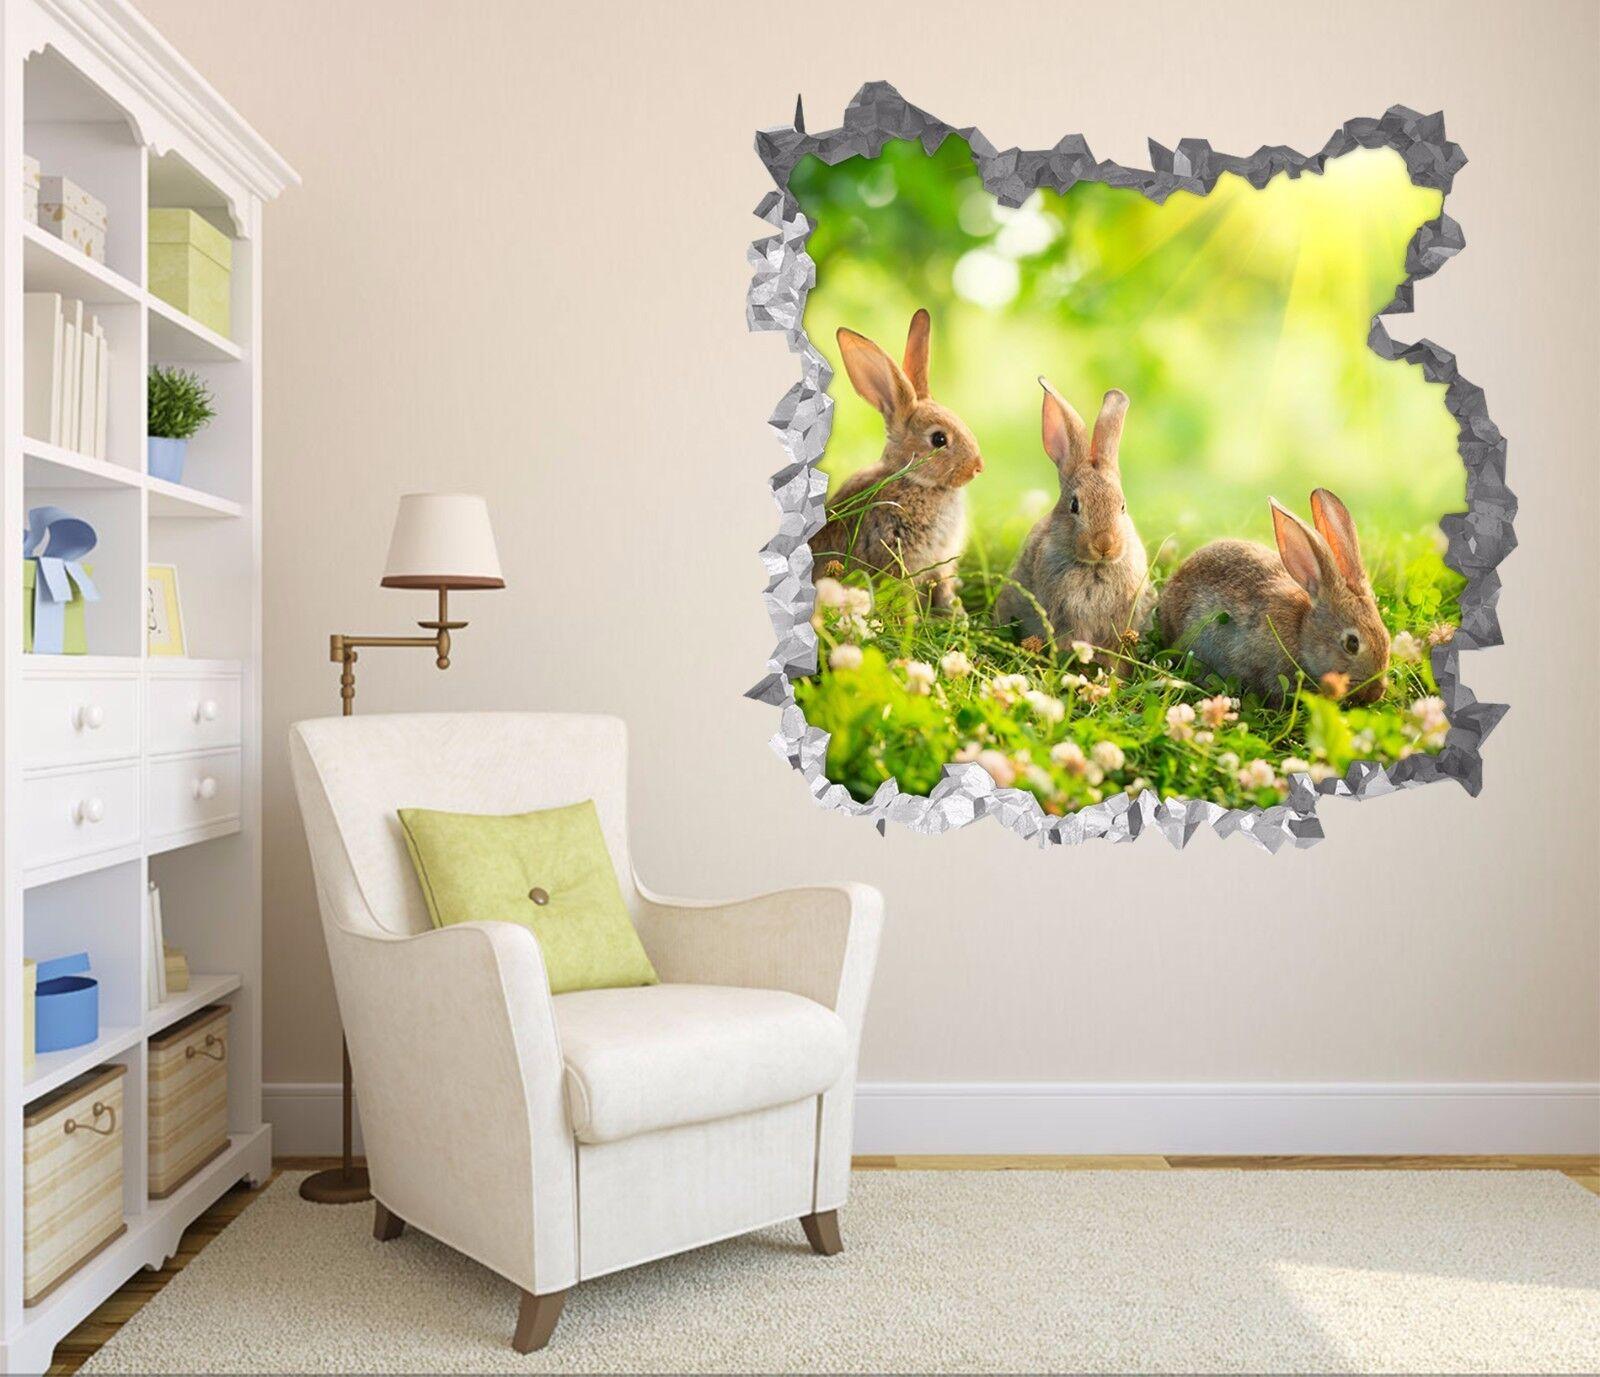 3D Kaninchen Gras 7 Mauer Murals Mauer Aufklebe Decal Durchbruch AJ WALLPAPER DE